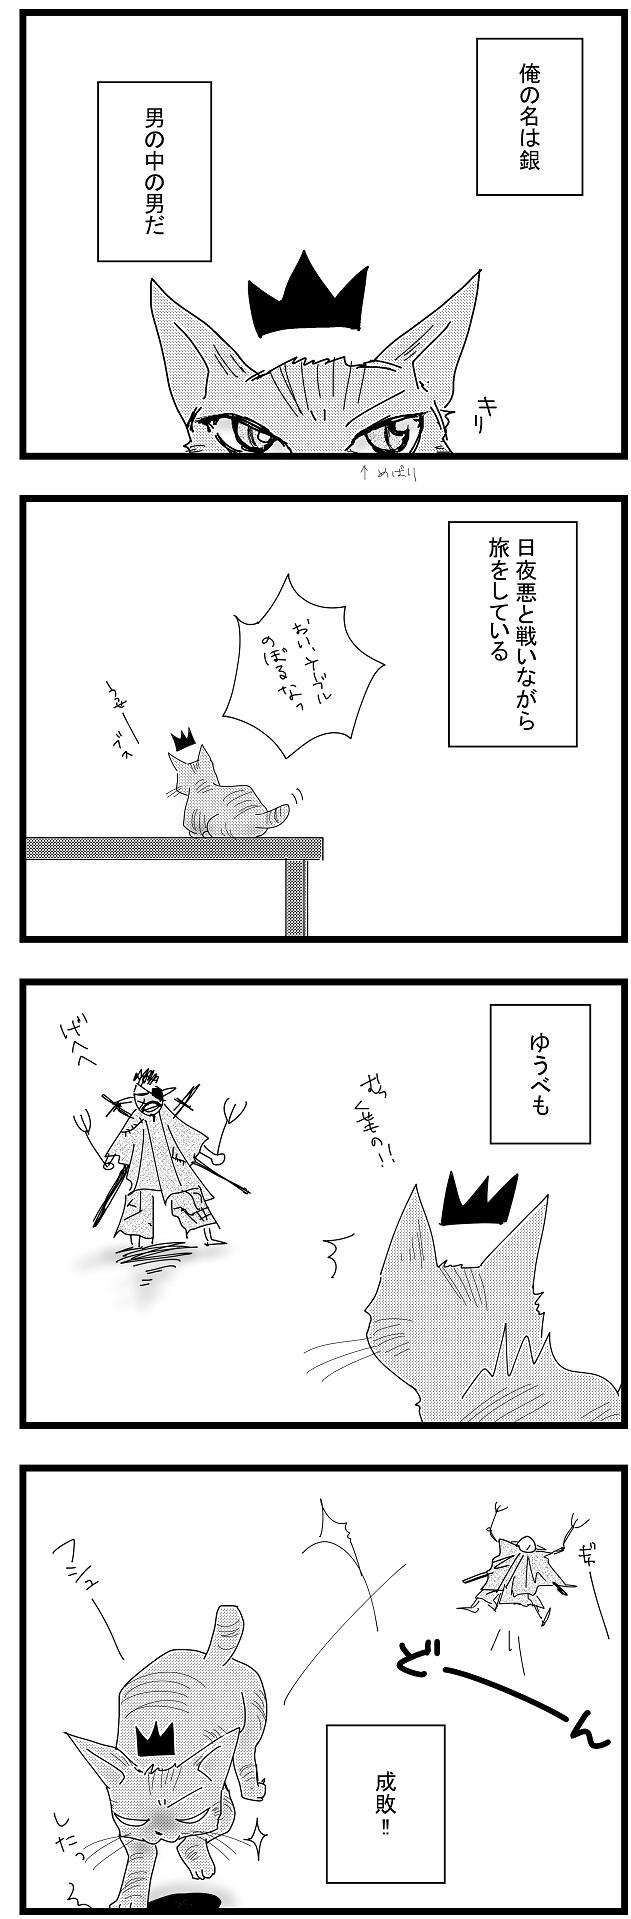 暴れん坊①